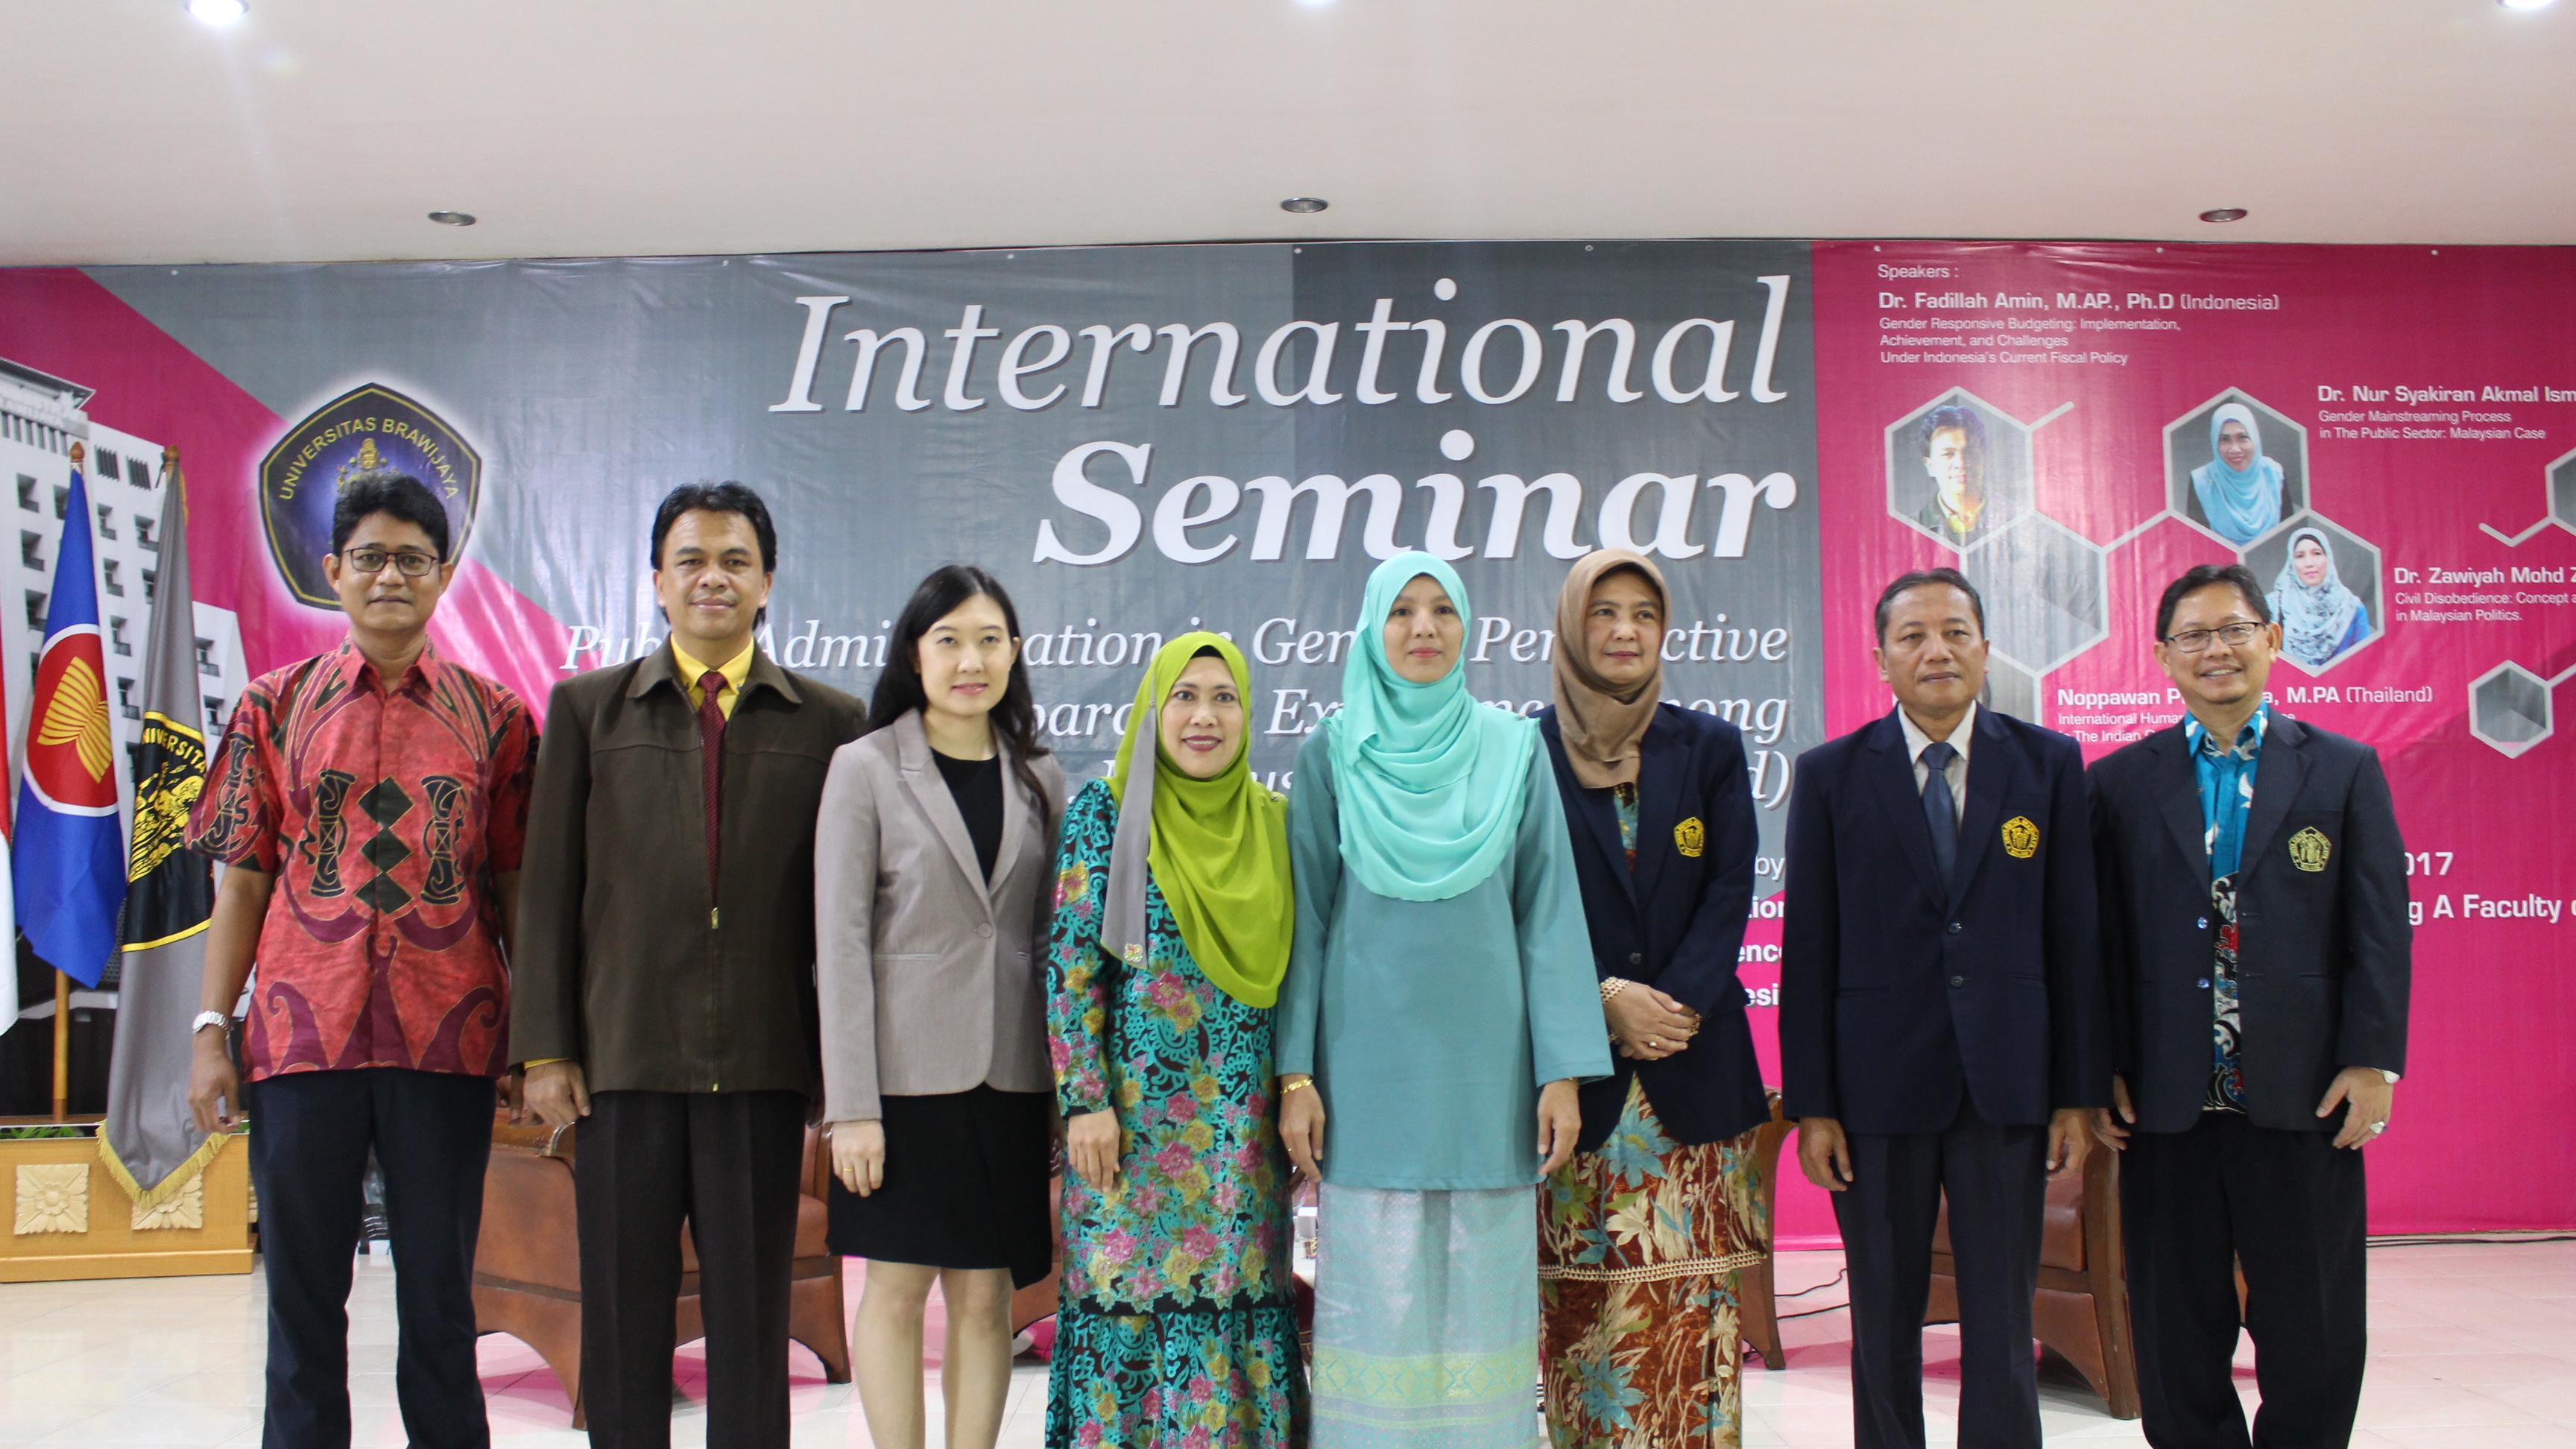 FIA UB Gelar Seminar Internasional Bahas Administrasi Publik Dari Perspektif Gender